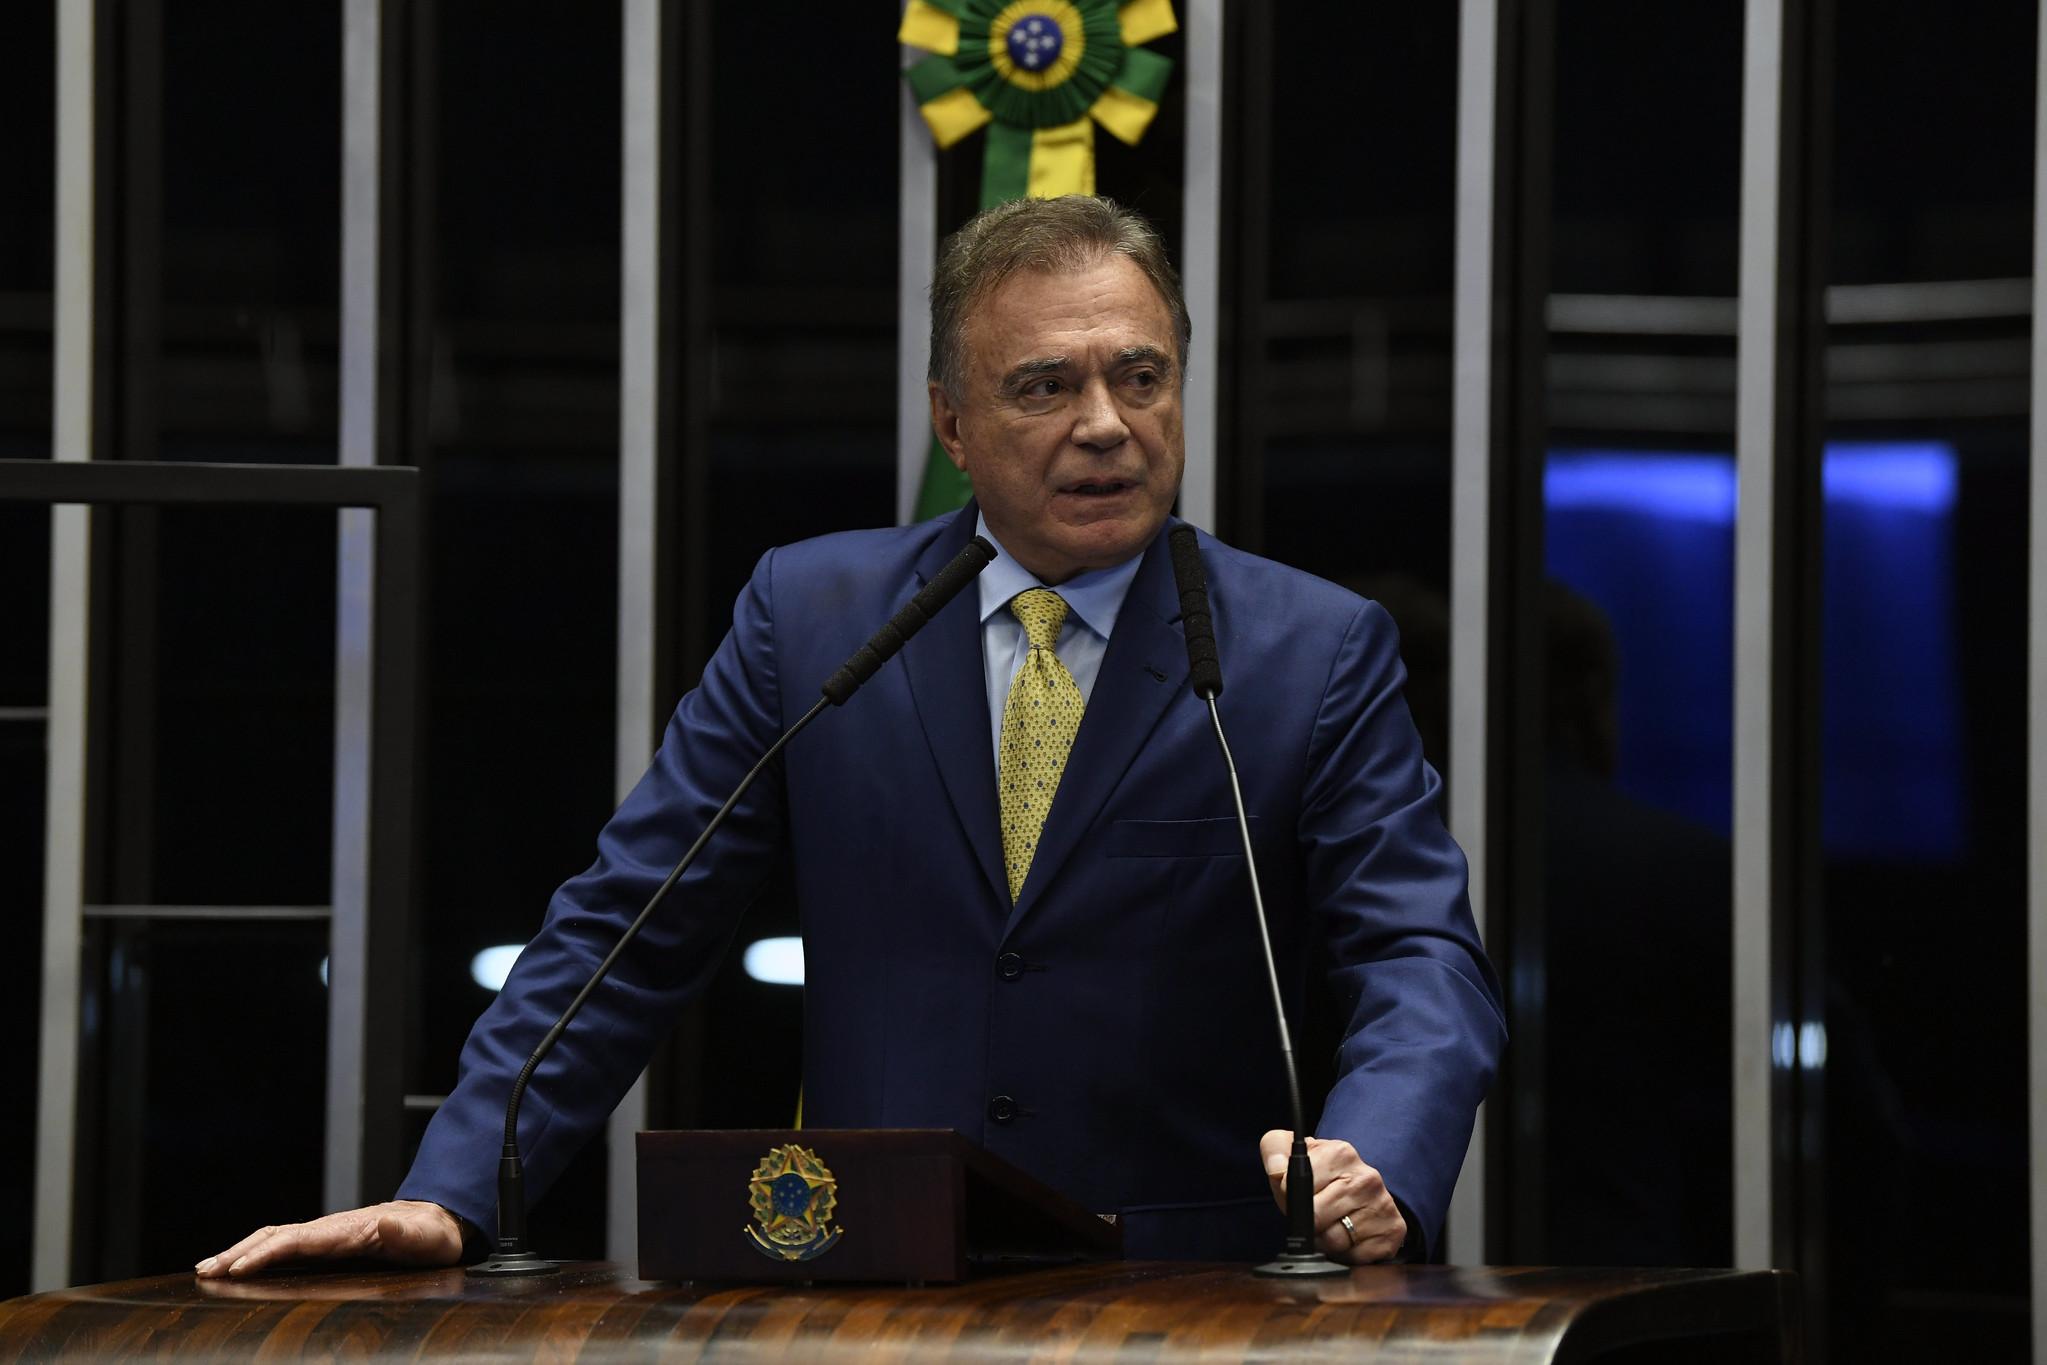 IMAGEM: Senadores do Podemos tentam desvincular 'CPI ampliada' de Bolsonaro